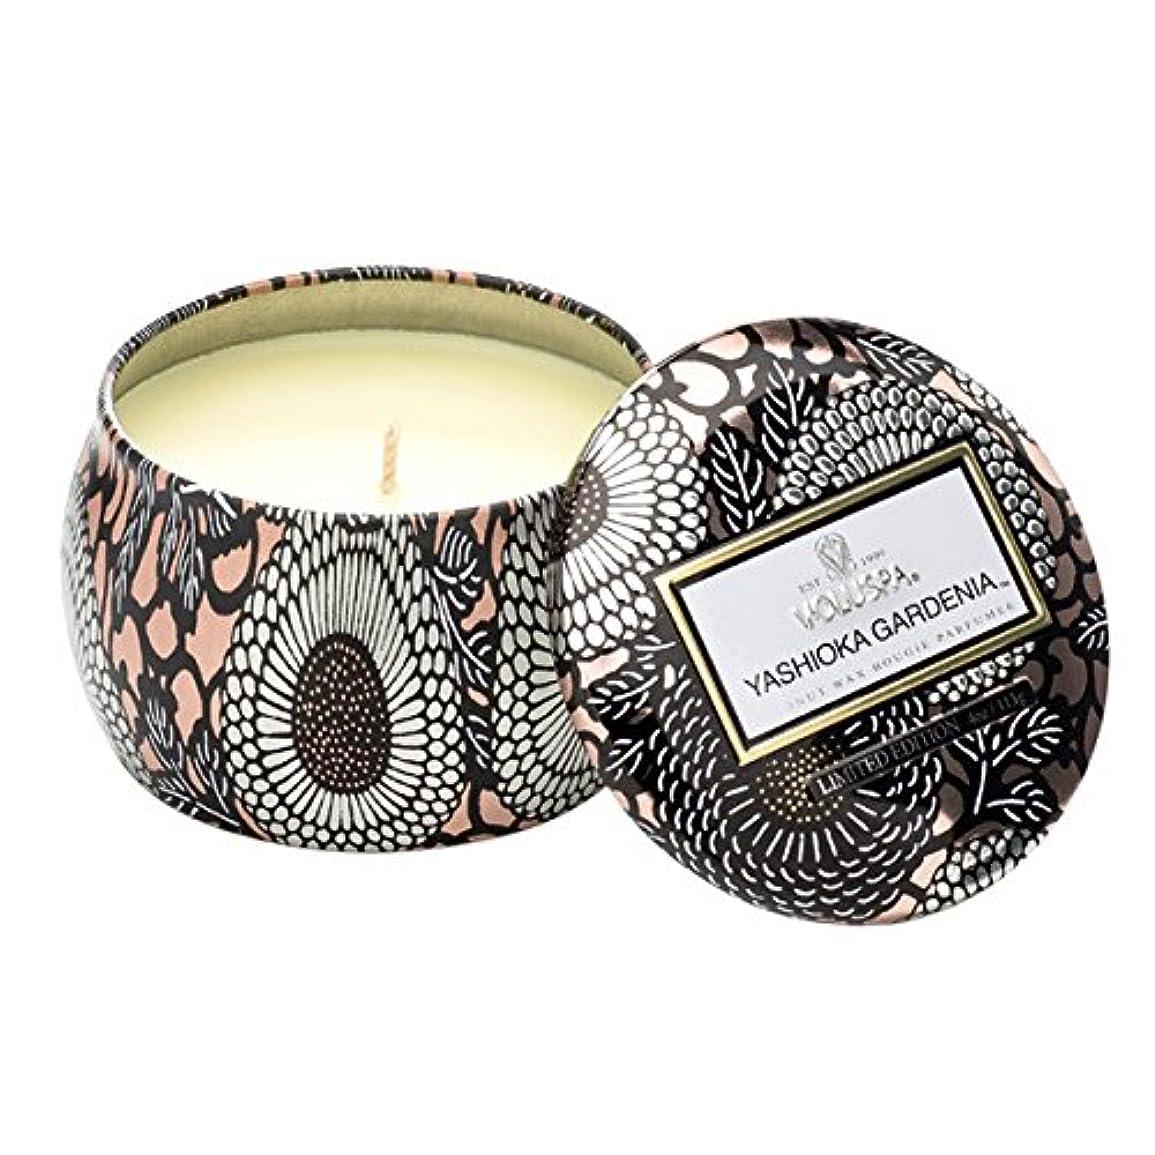 思いつく遠洋のチェスVoluspa ボルスパ ジャポニカ リミテッド ティンキャンドル  S ヤシオカガーデニア YASHIOKA GARDENIA JAPONICA Limited PETITE Tin Glass Candle